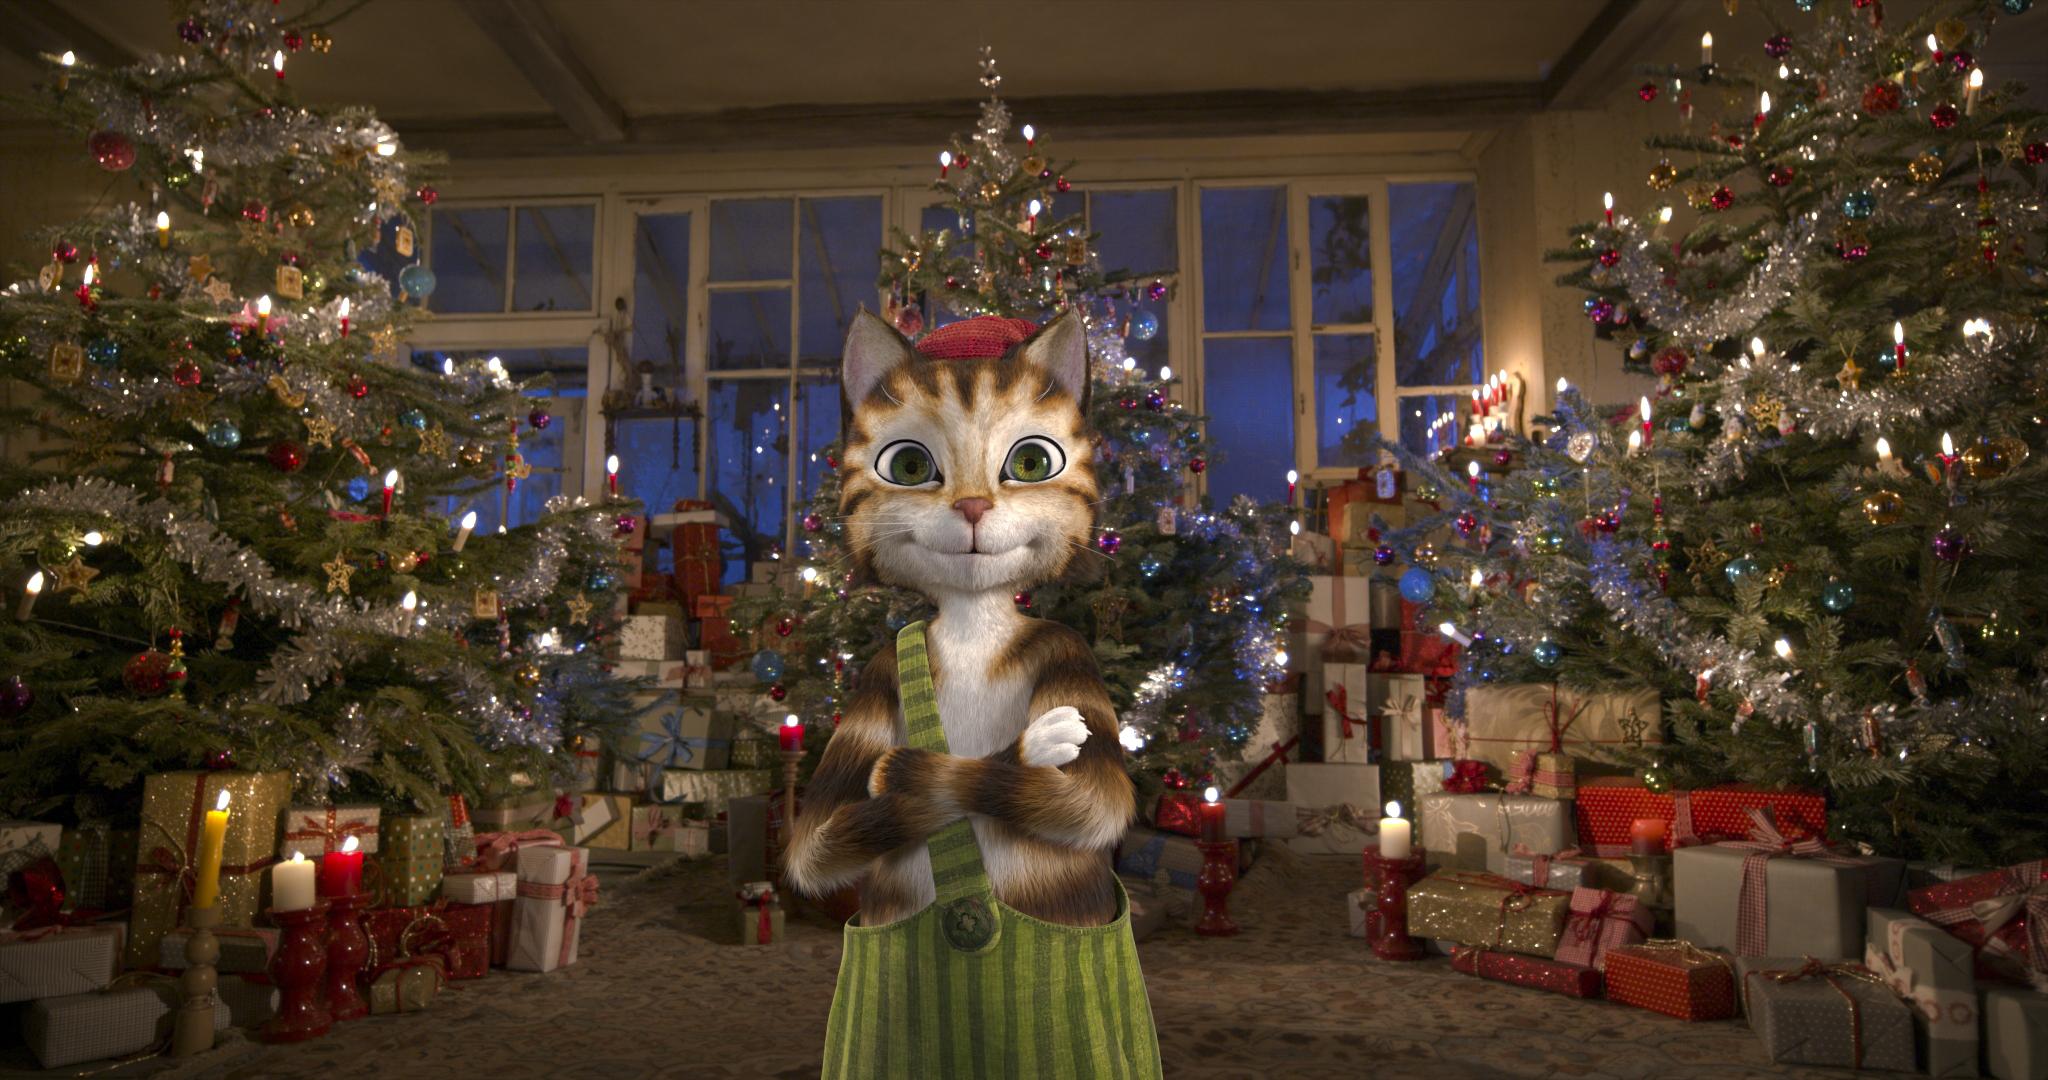 pettersson-und-findus-das-schoenste-weihnachten-ueberhaupt-szene-mit ...